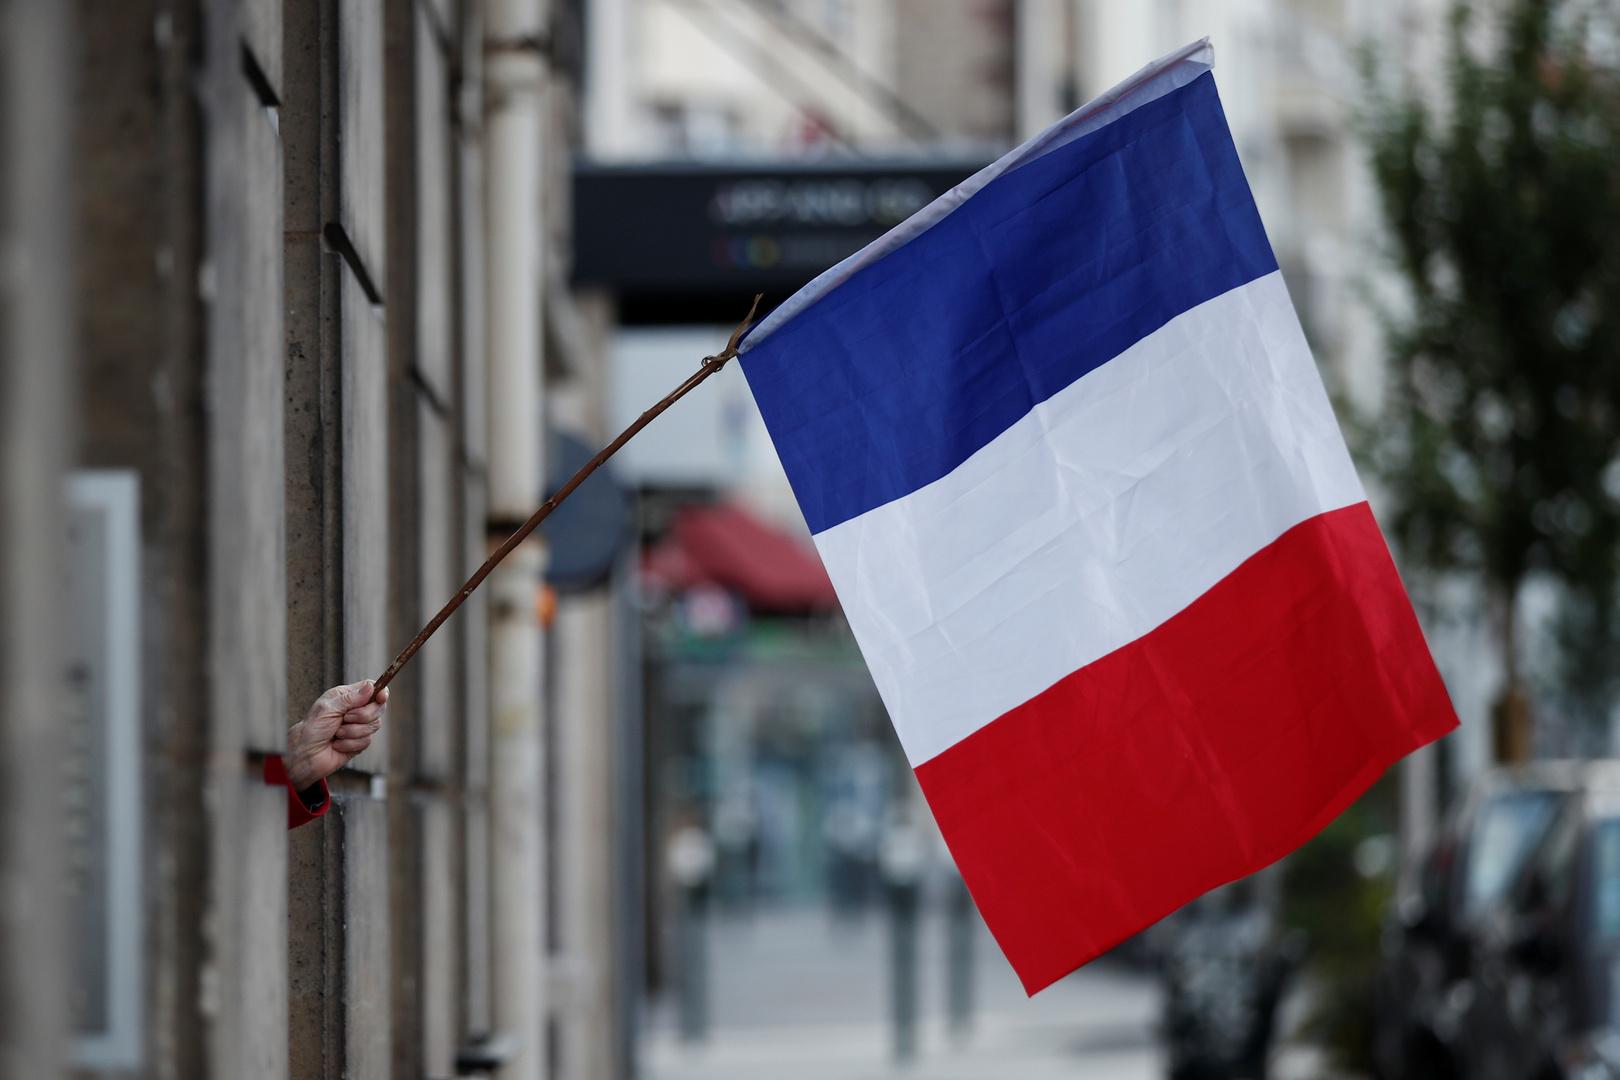 المتهم الرئيسي في هجمات باريس 2015 يجبر القاضي على تعليق جلسة المحاكمة